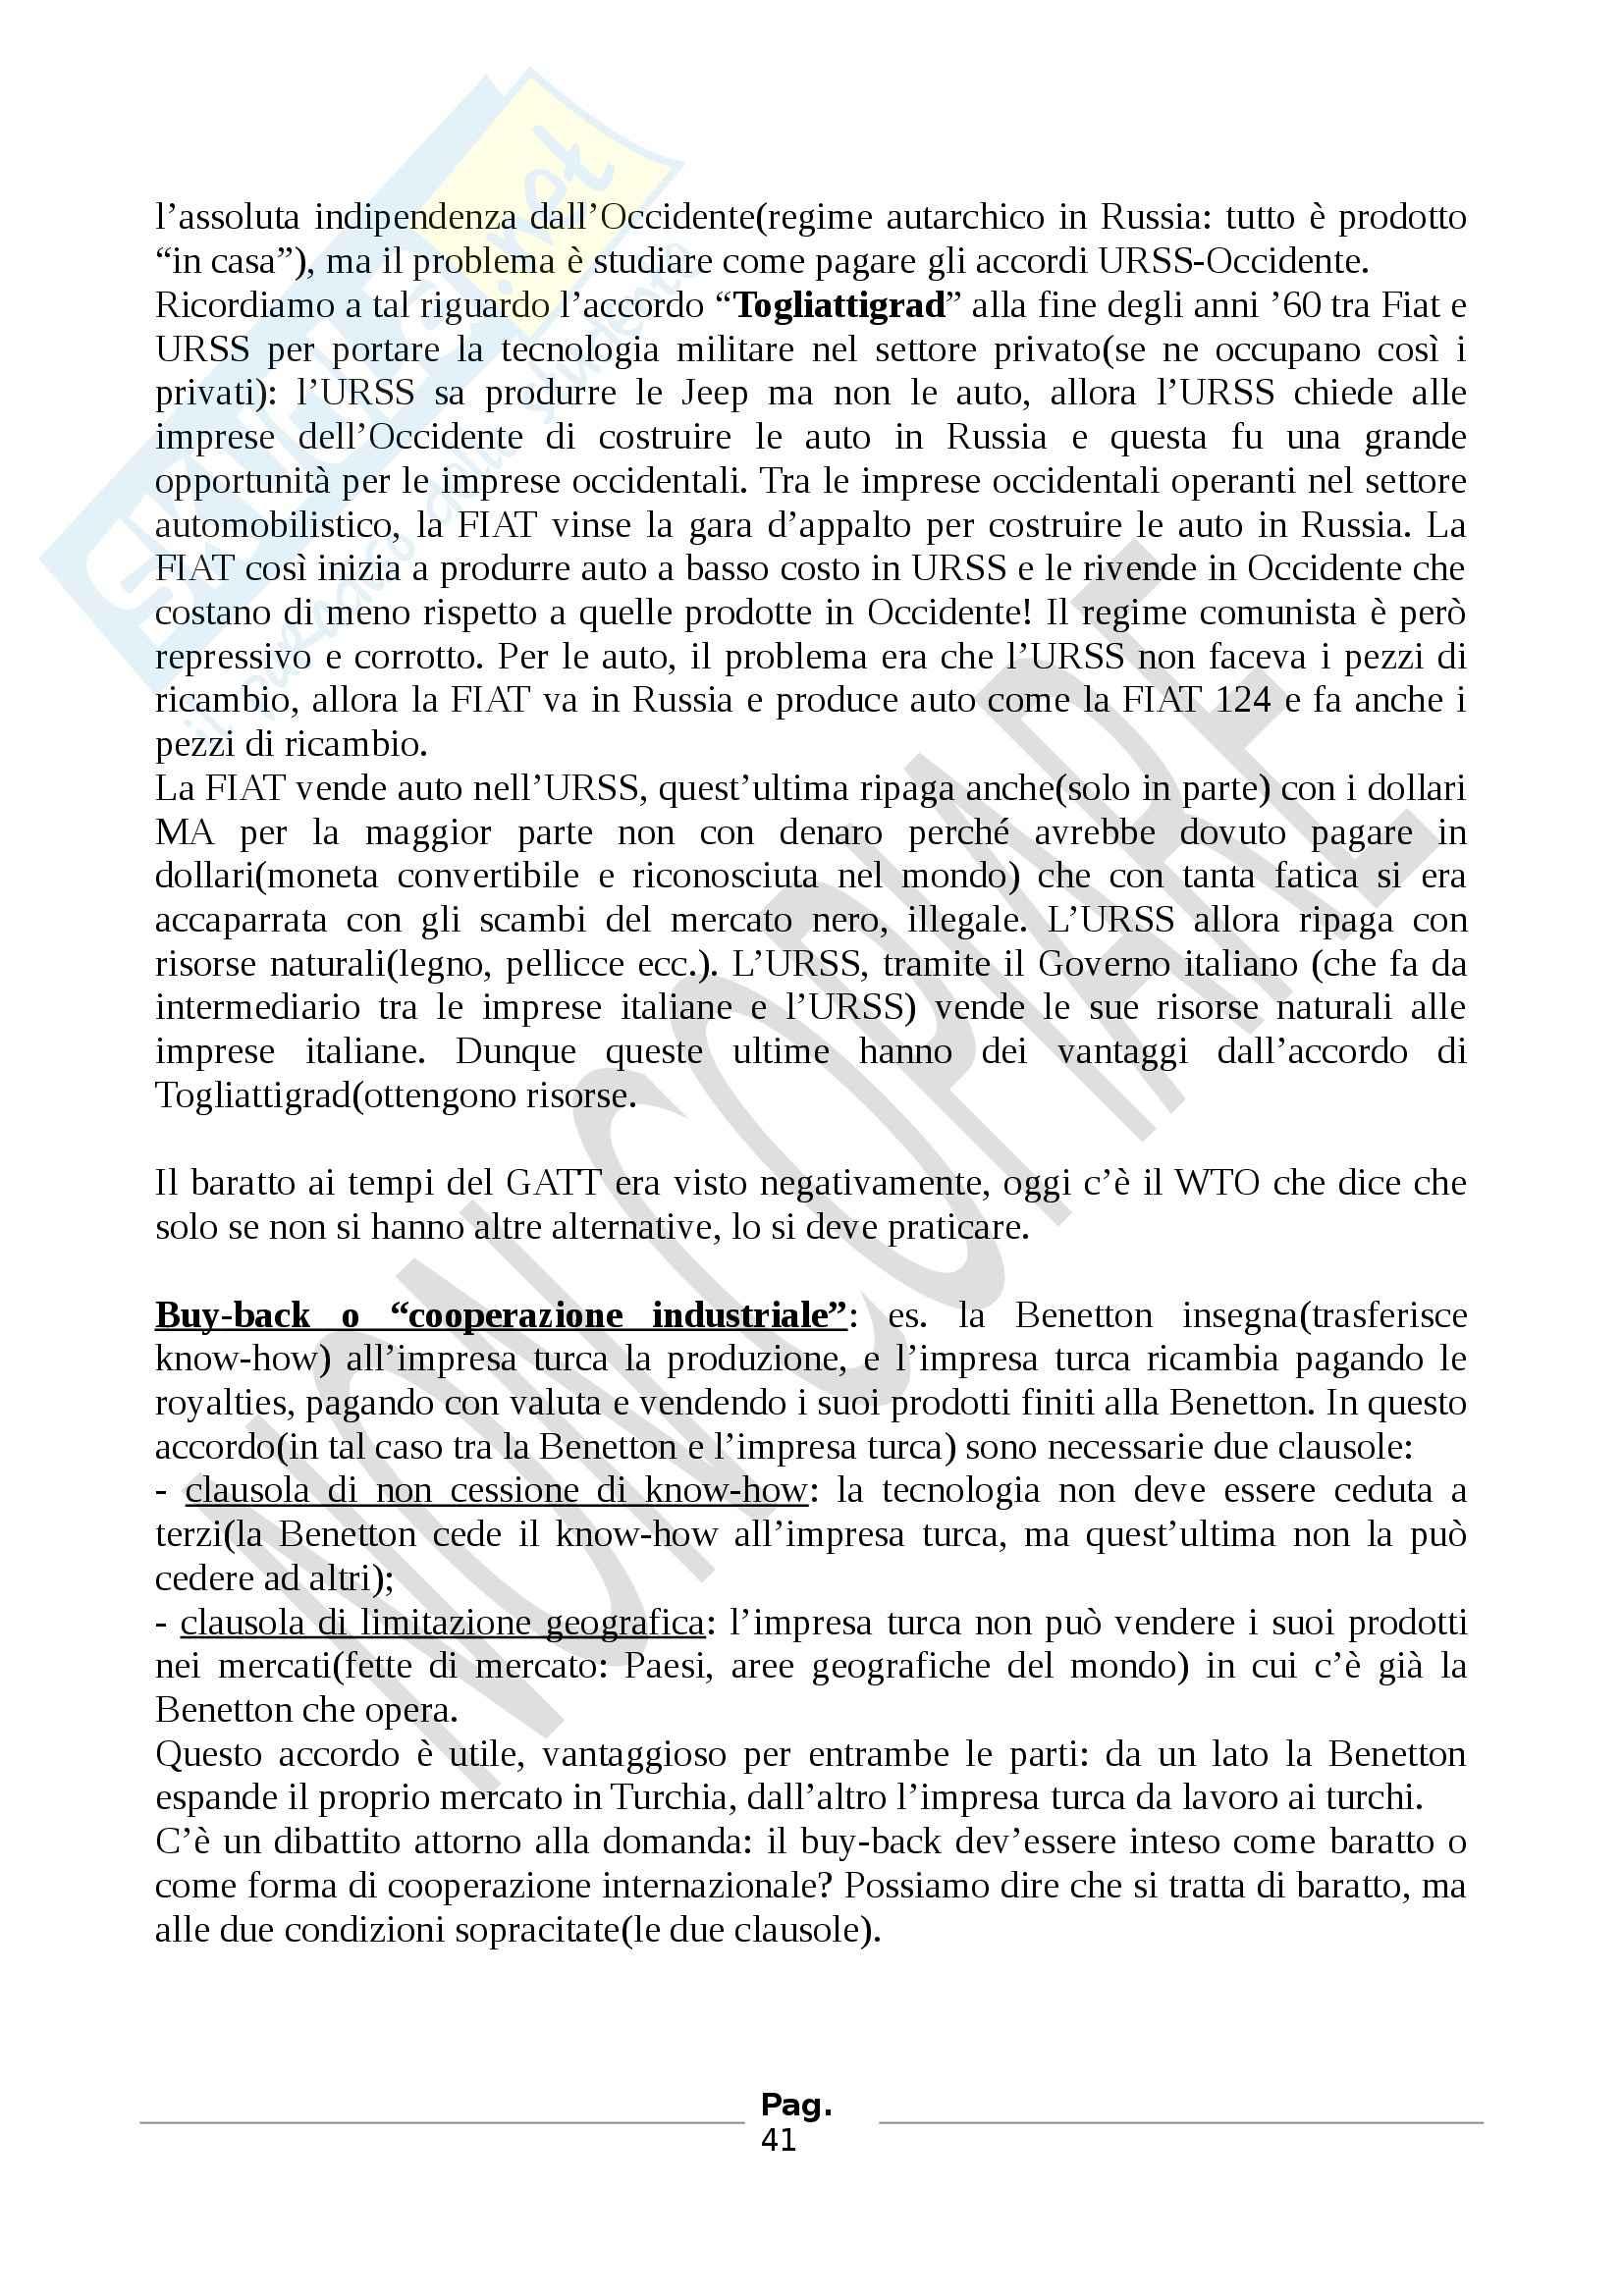 Diritto internazionale dell'economia - Prof. Porro Giuseppe - Appunti Pag. 41